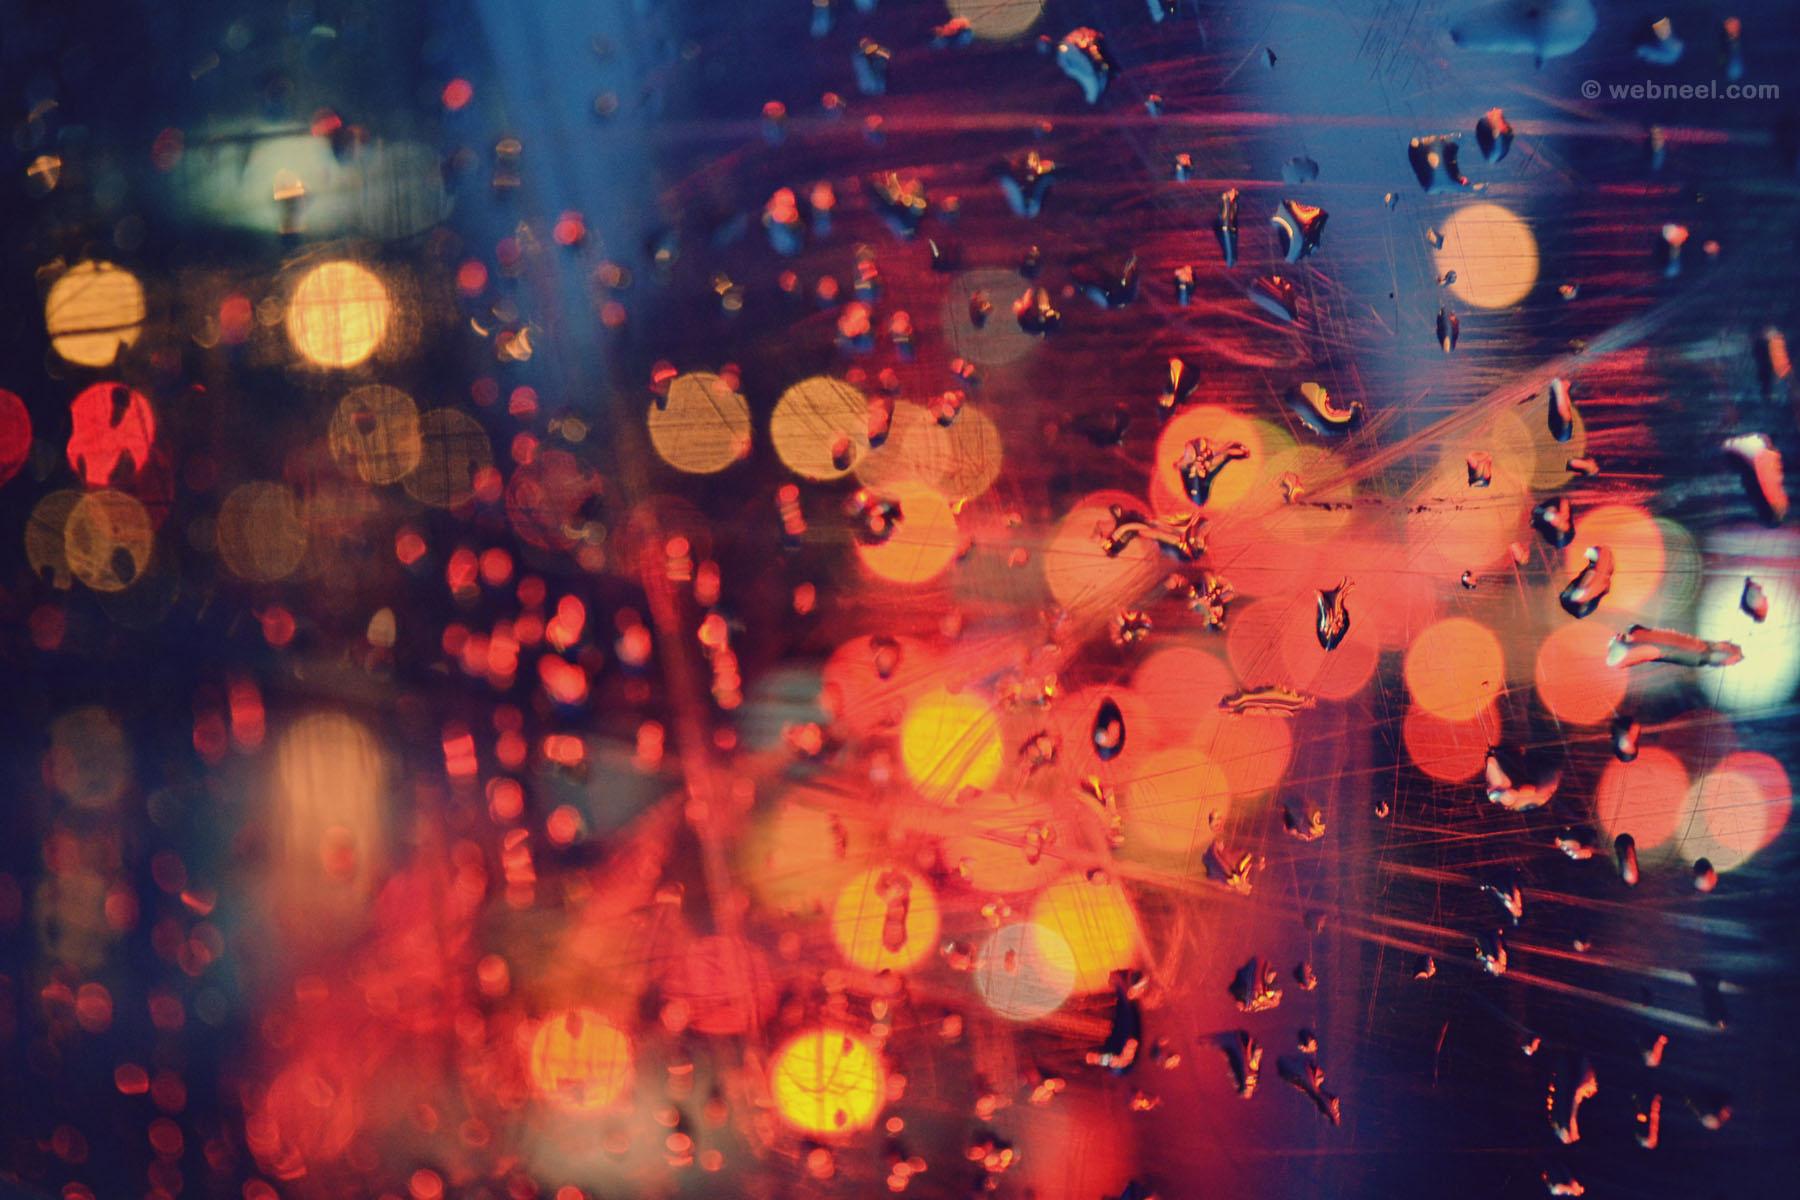 rain wallpaper night light